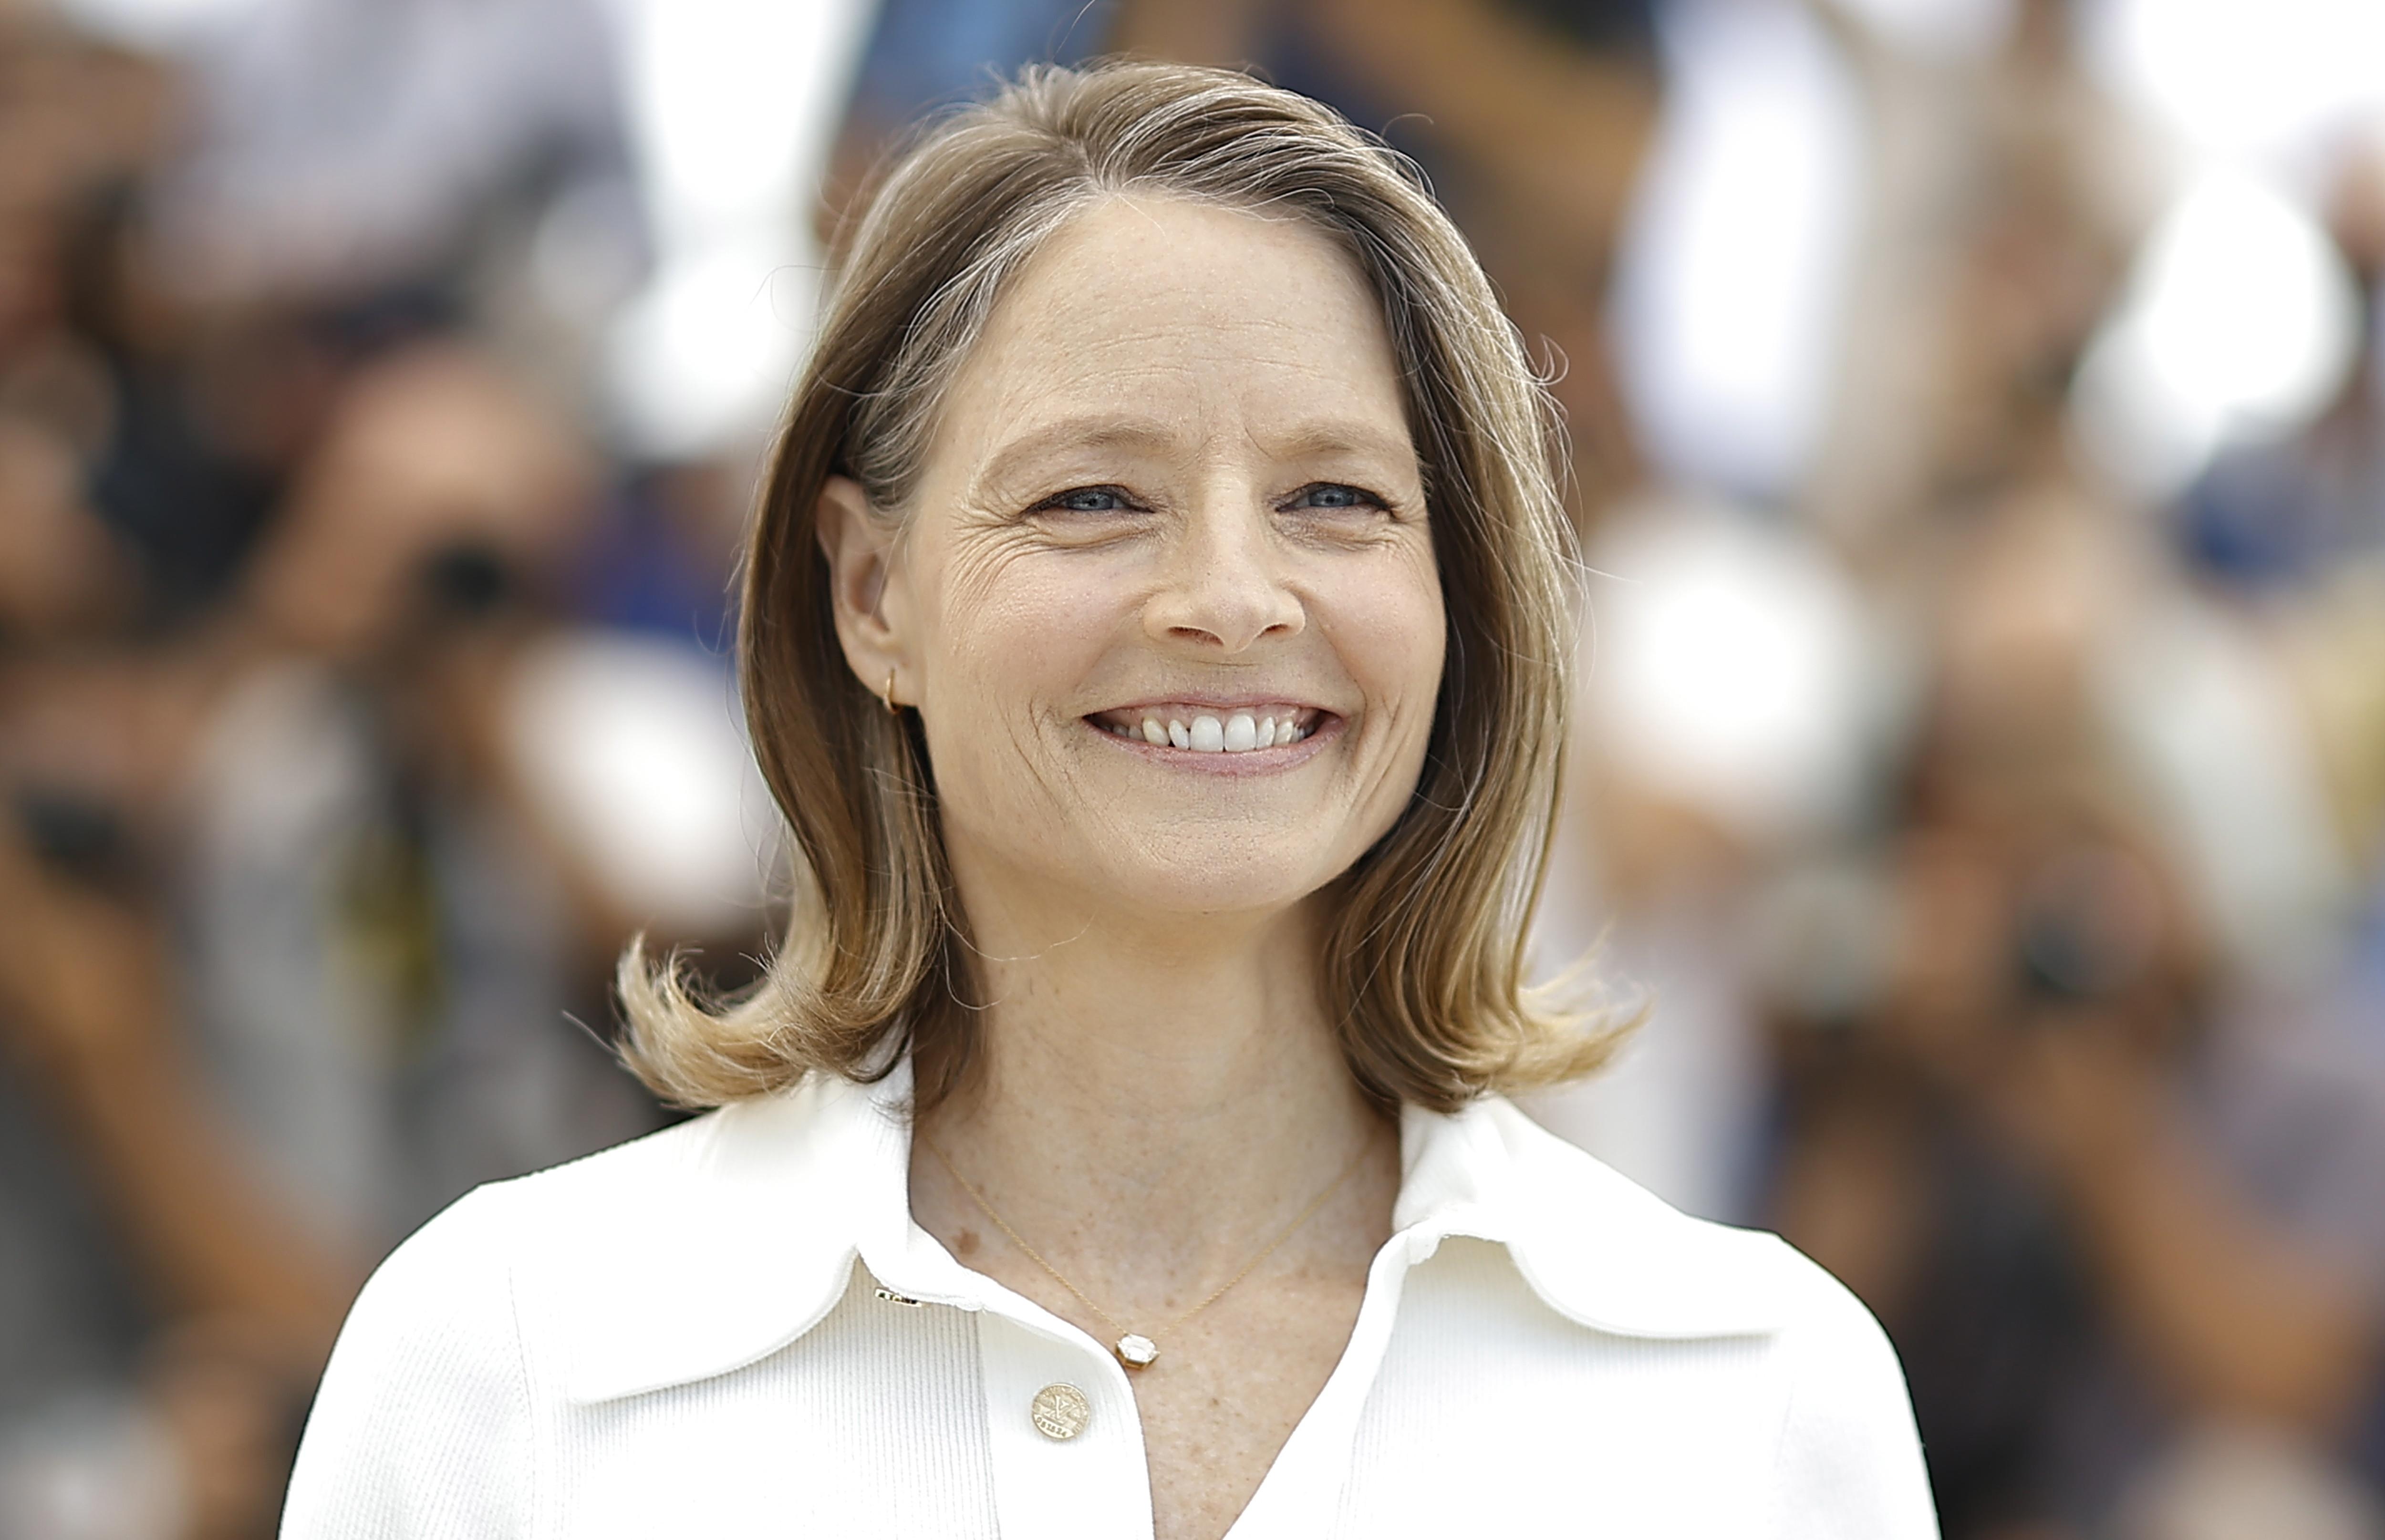 După o pauză de peste 2 ani, la Cannes s-a întins covorul roșu. Jodie Foster, trofeu onorific